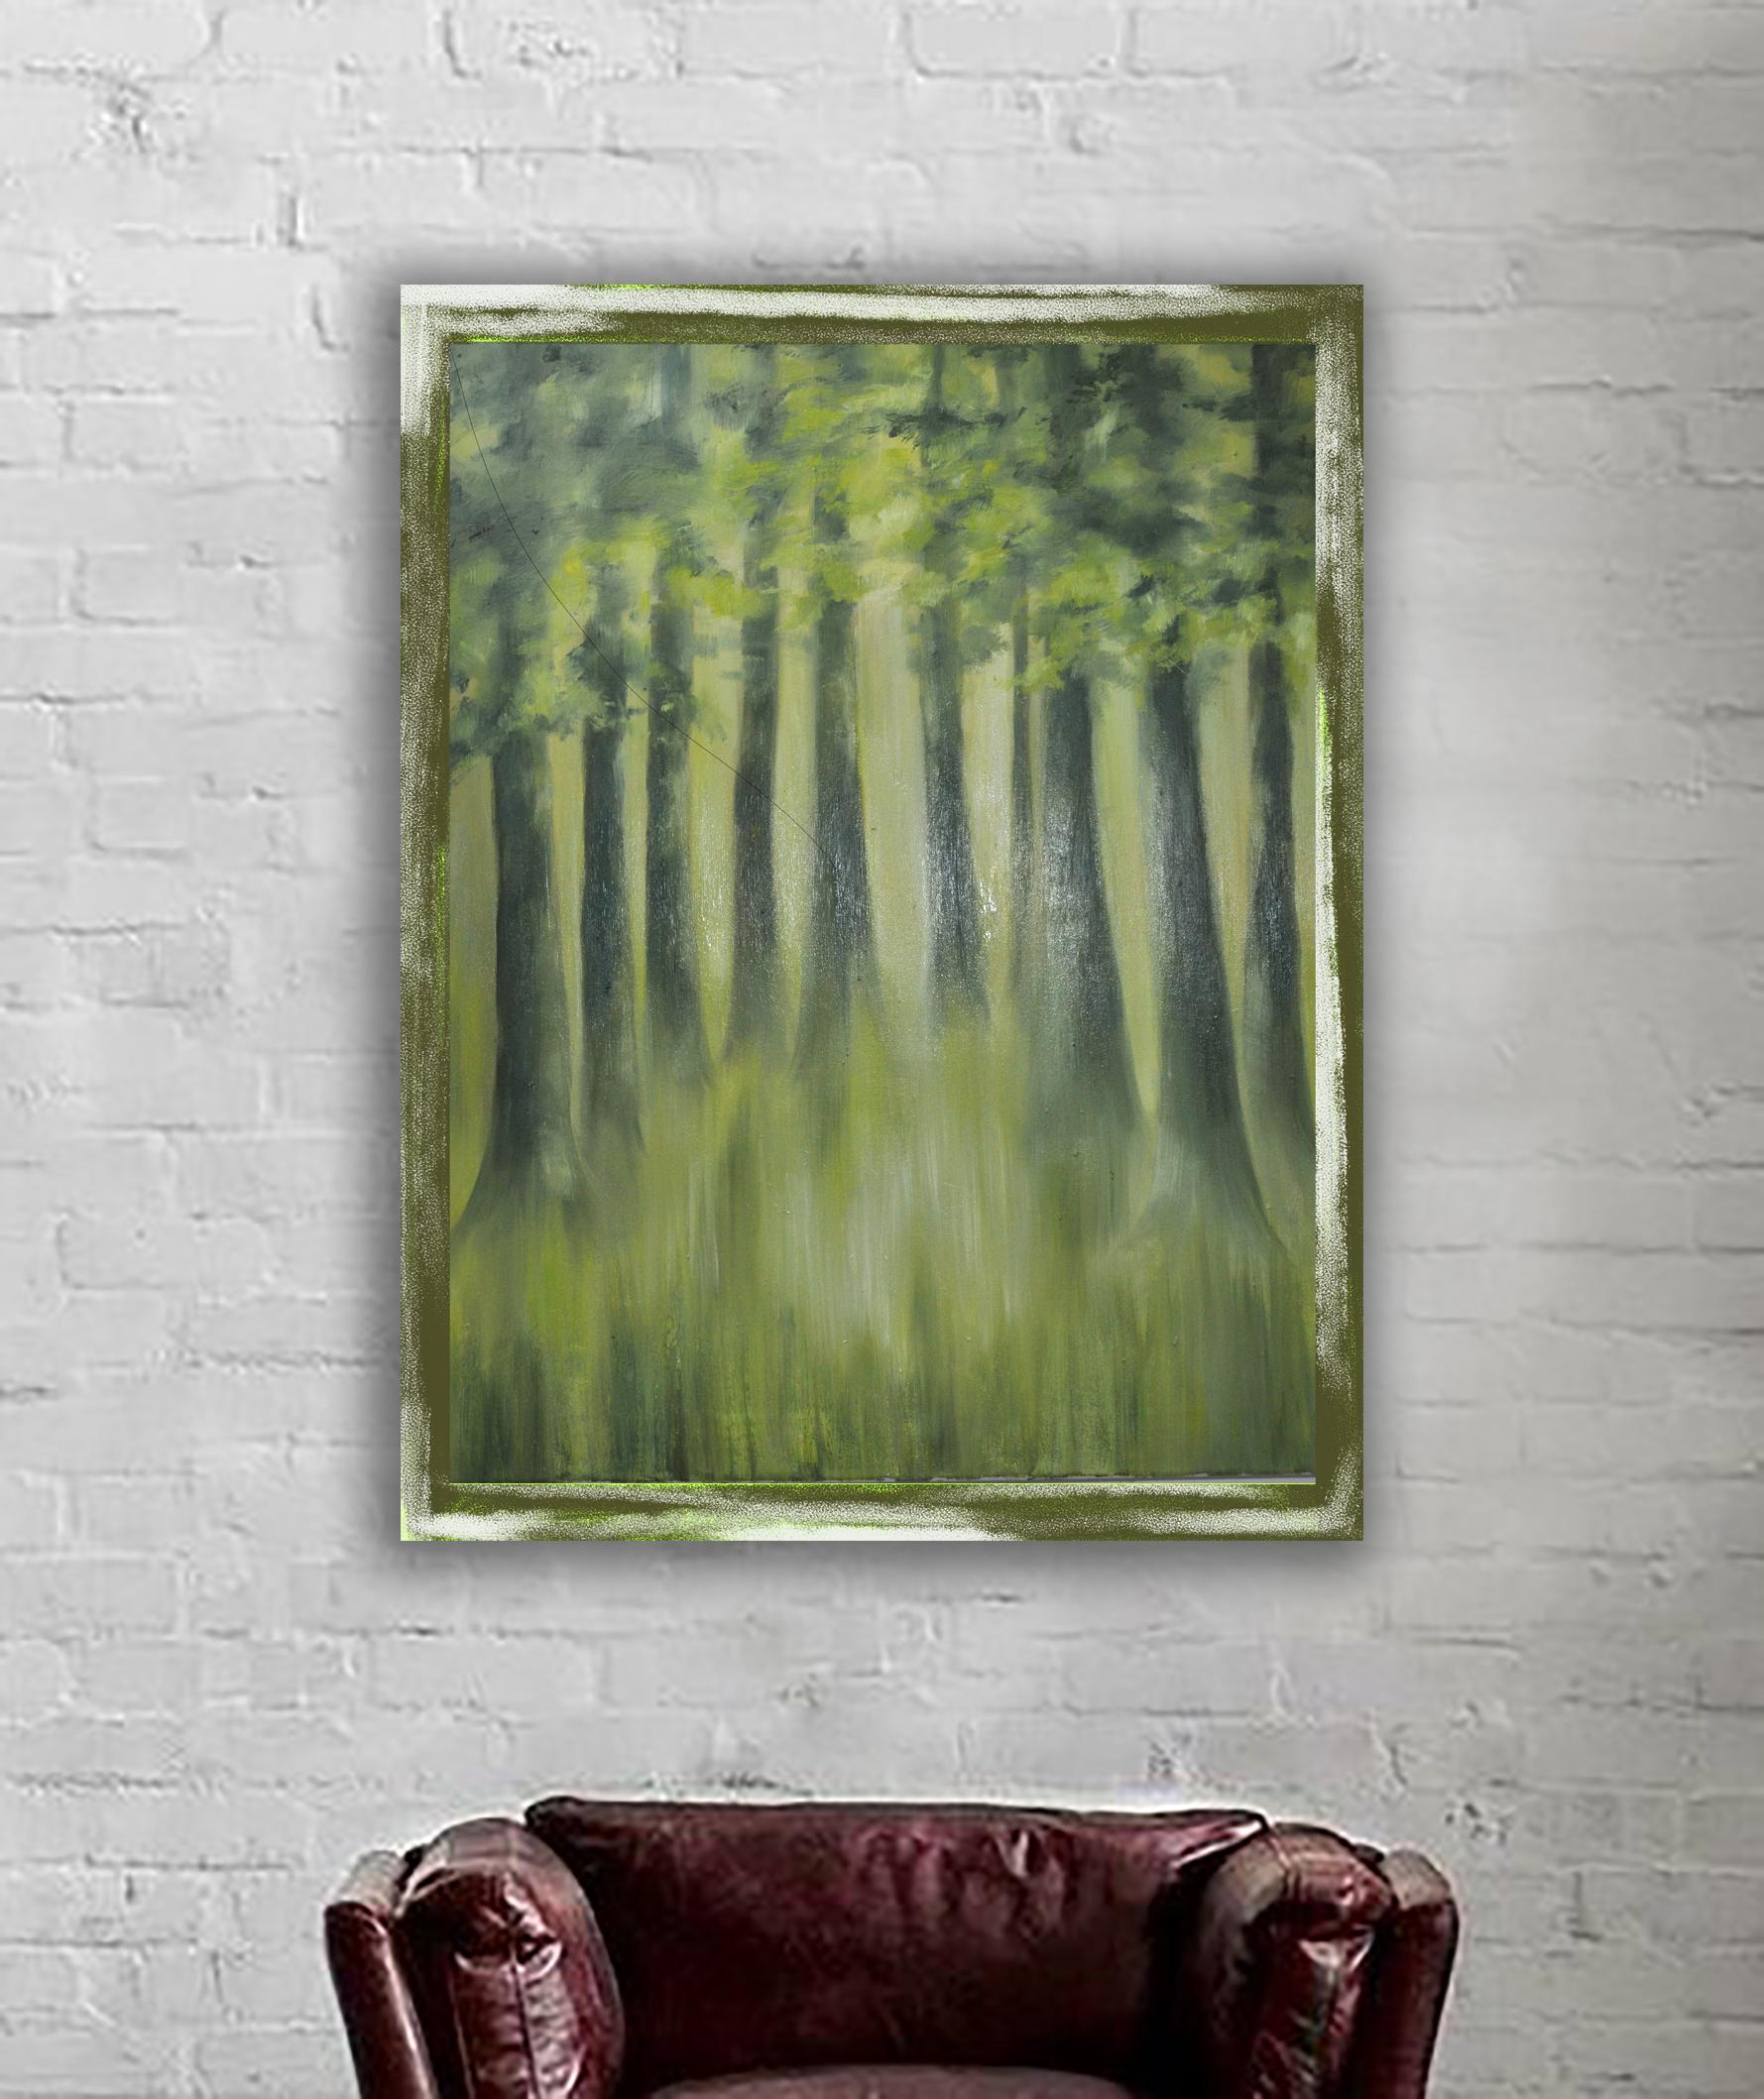 les jarní na zdi